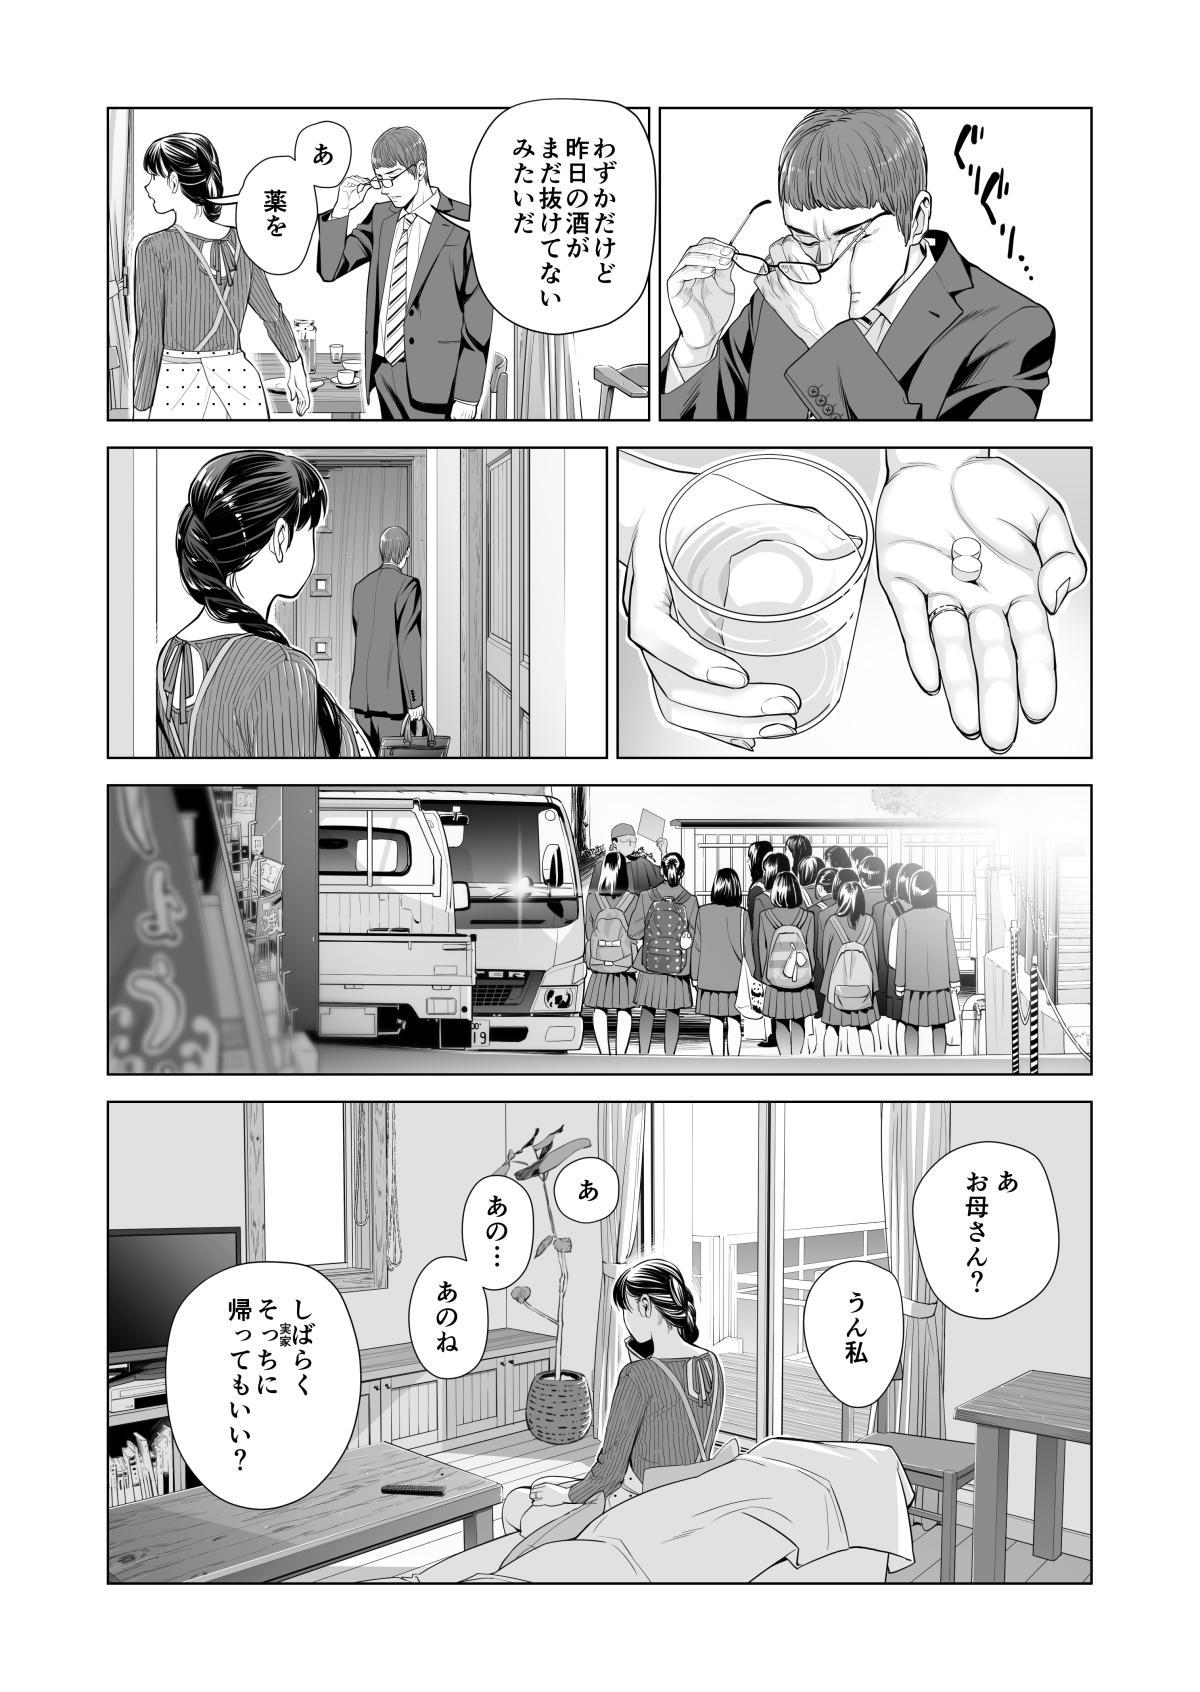 Tsukiyo no Midare Sake 7